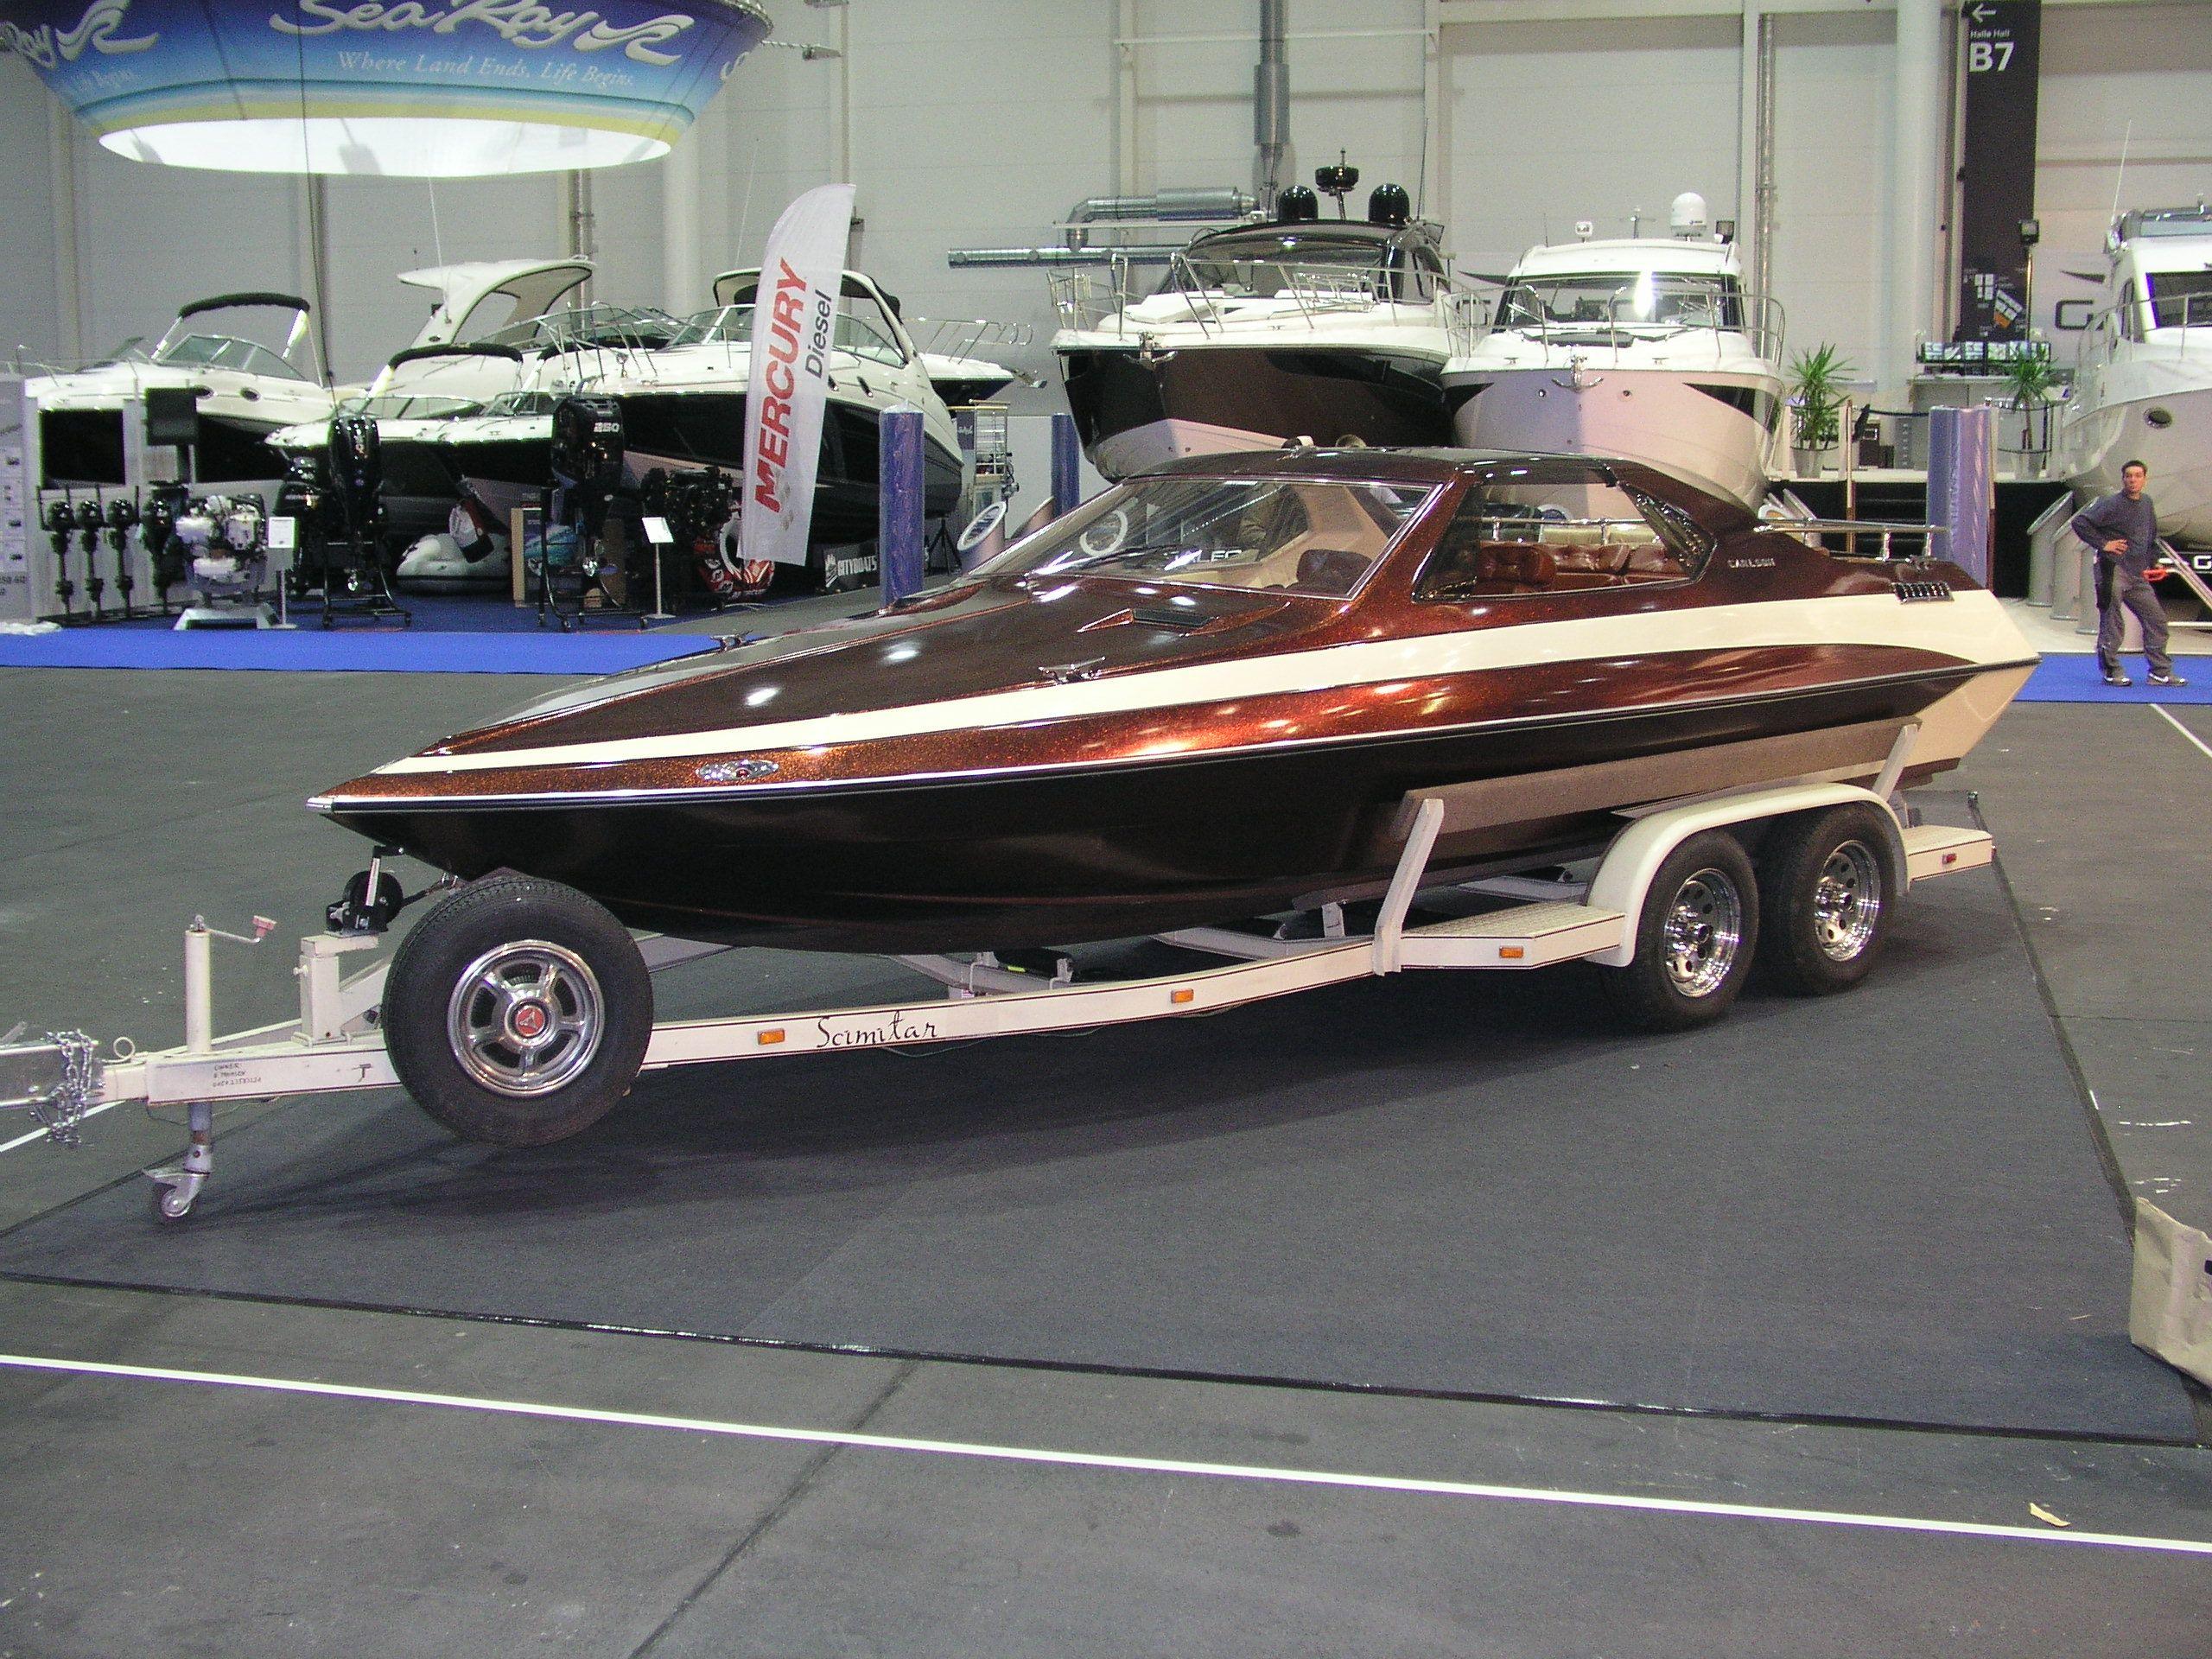 Motor Boote Schallehn Gebrauchtboote Glastron Carlson CV23